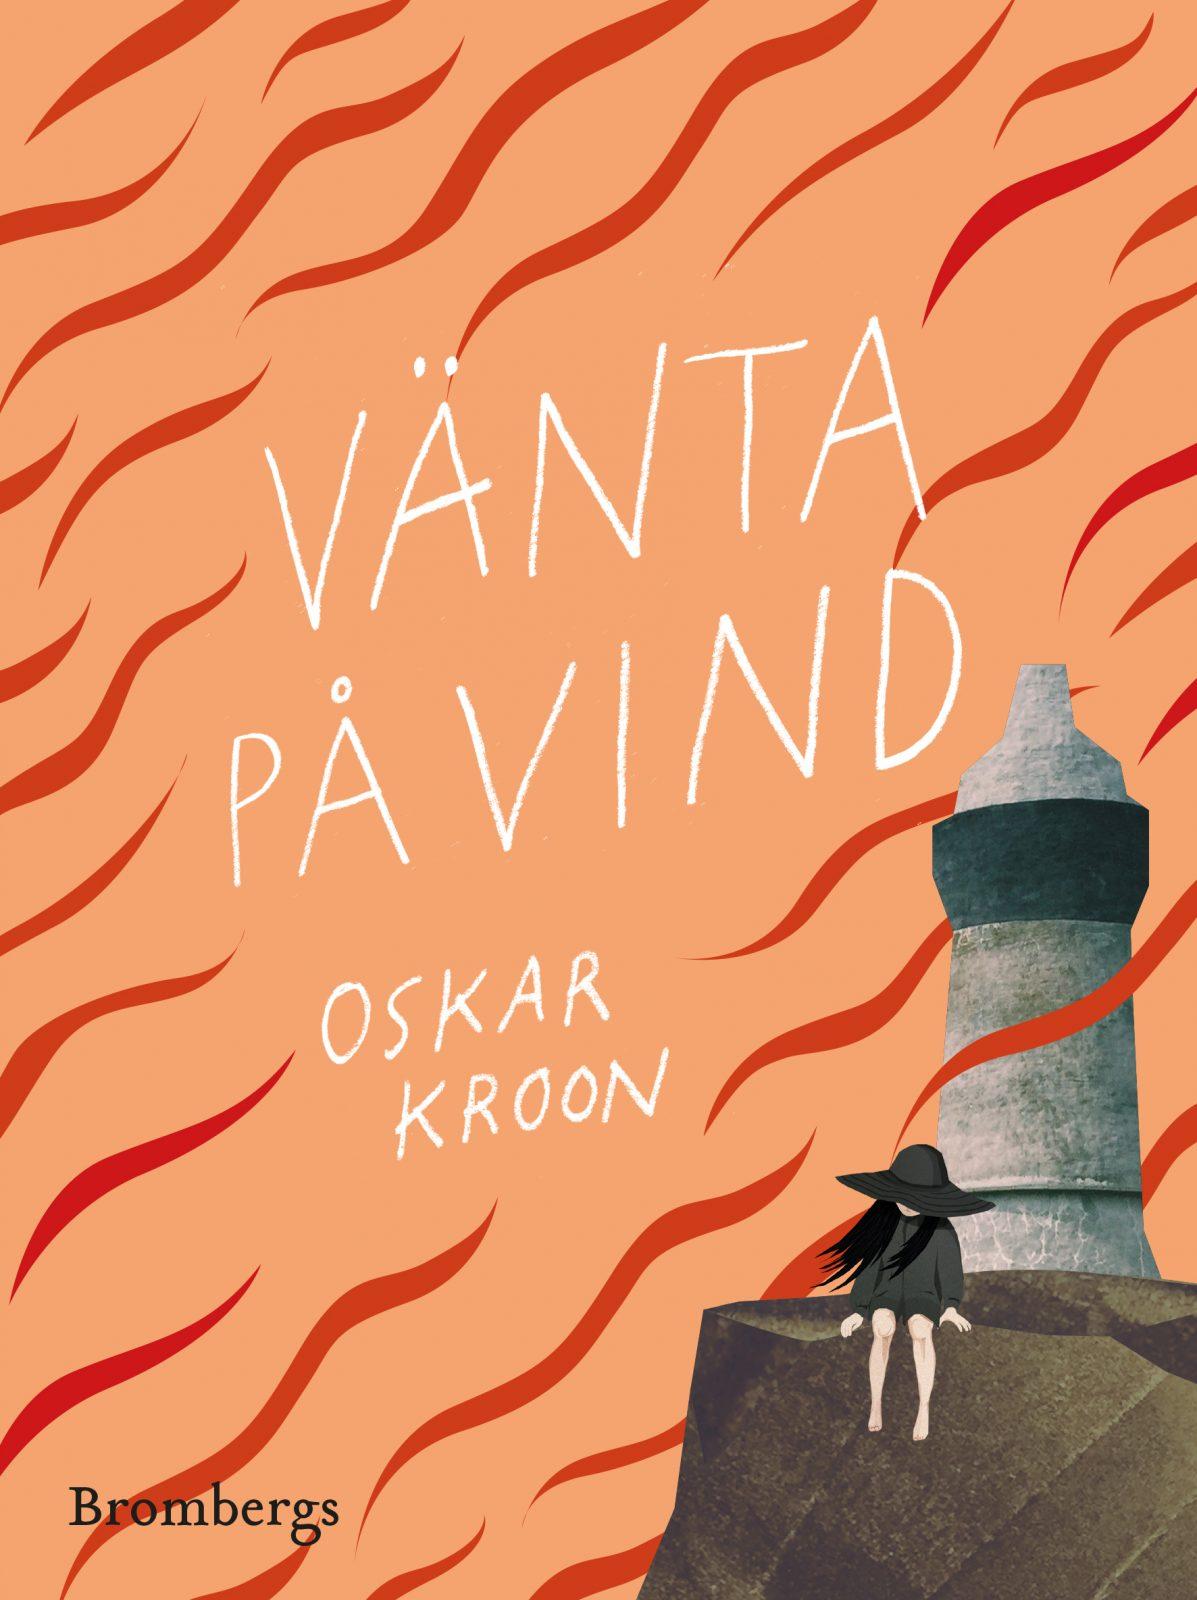 Vänta på vind, Oskar Kroon